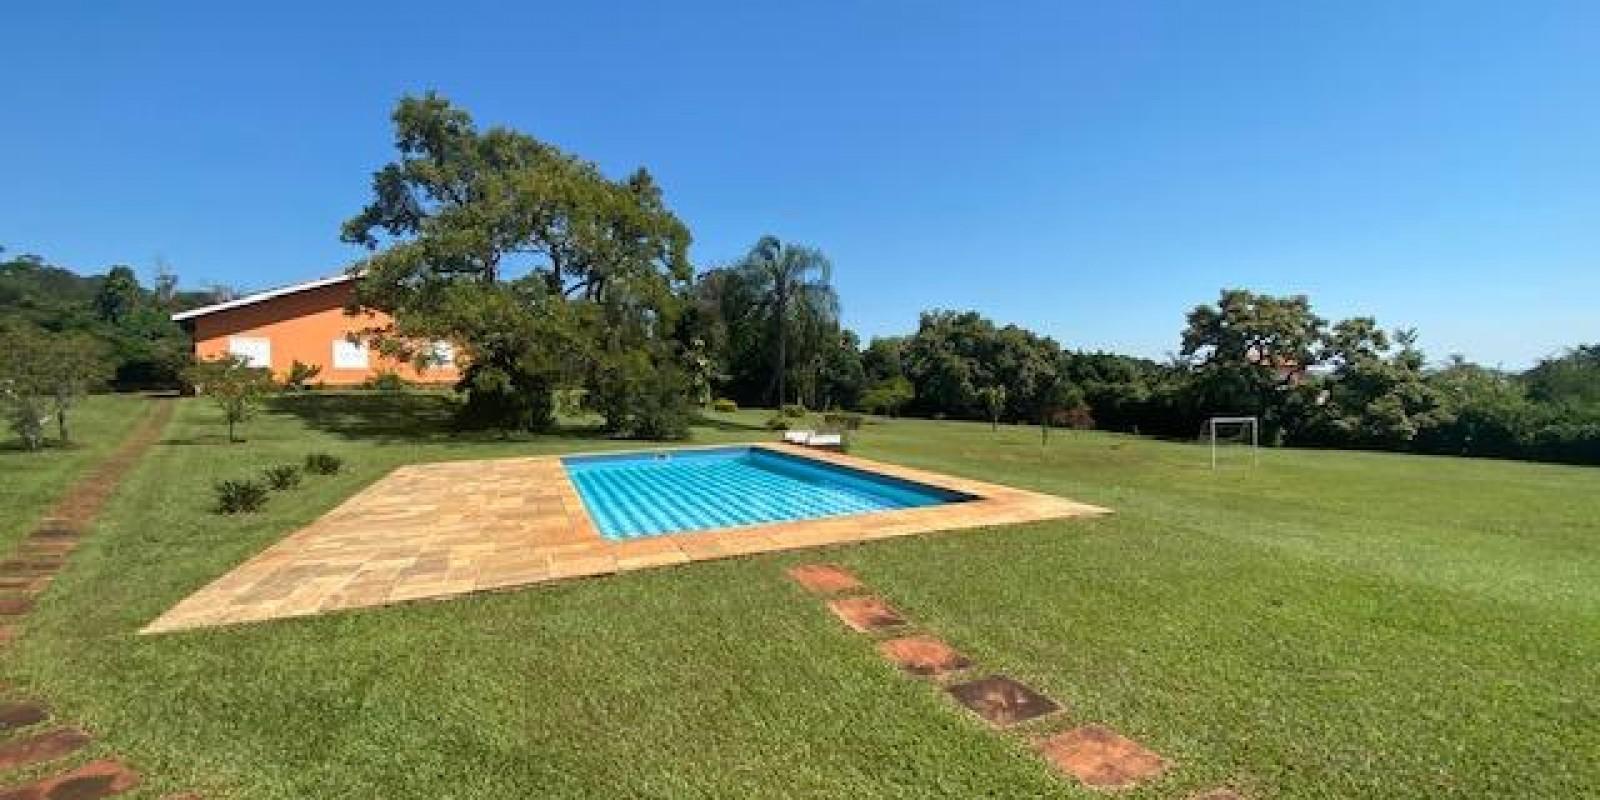 Casa na Represa Condomínio  Parque Náutico em Avaré SP - Foto 37 de 40